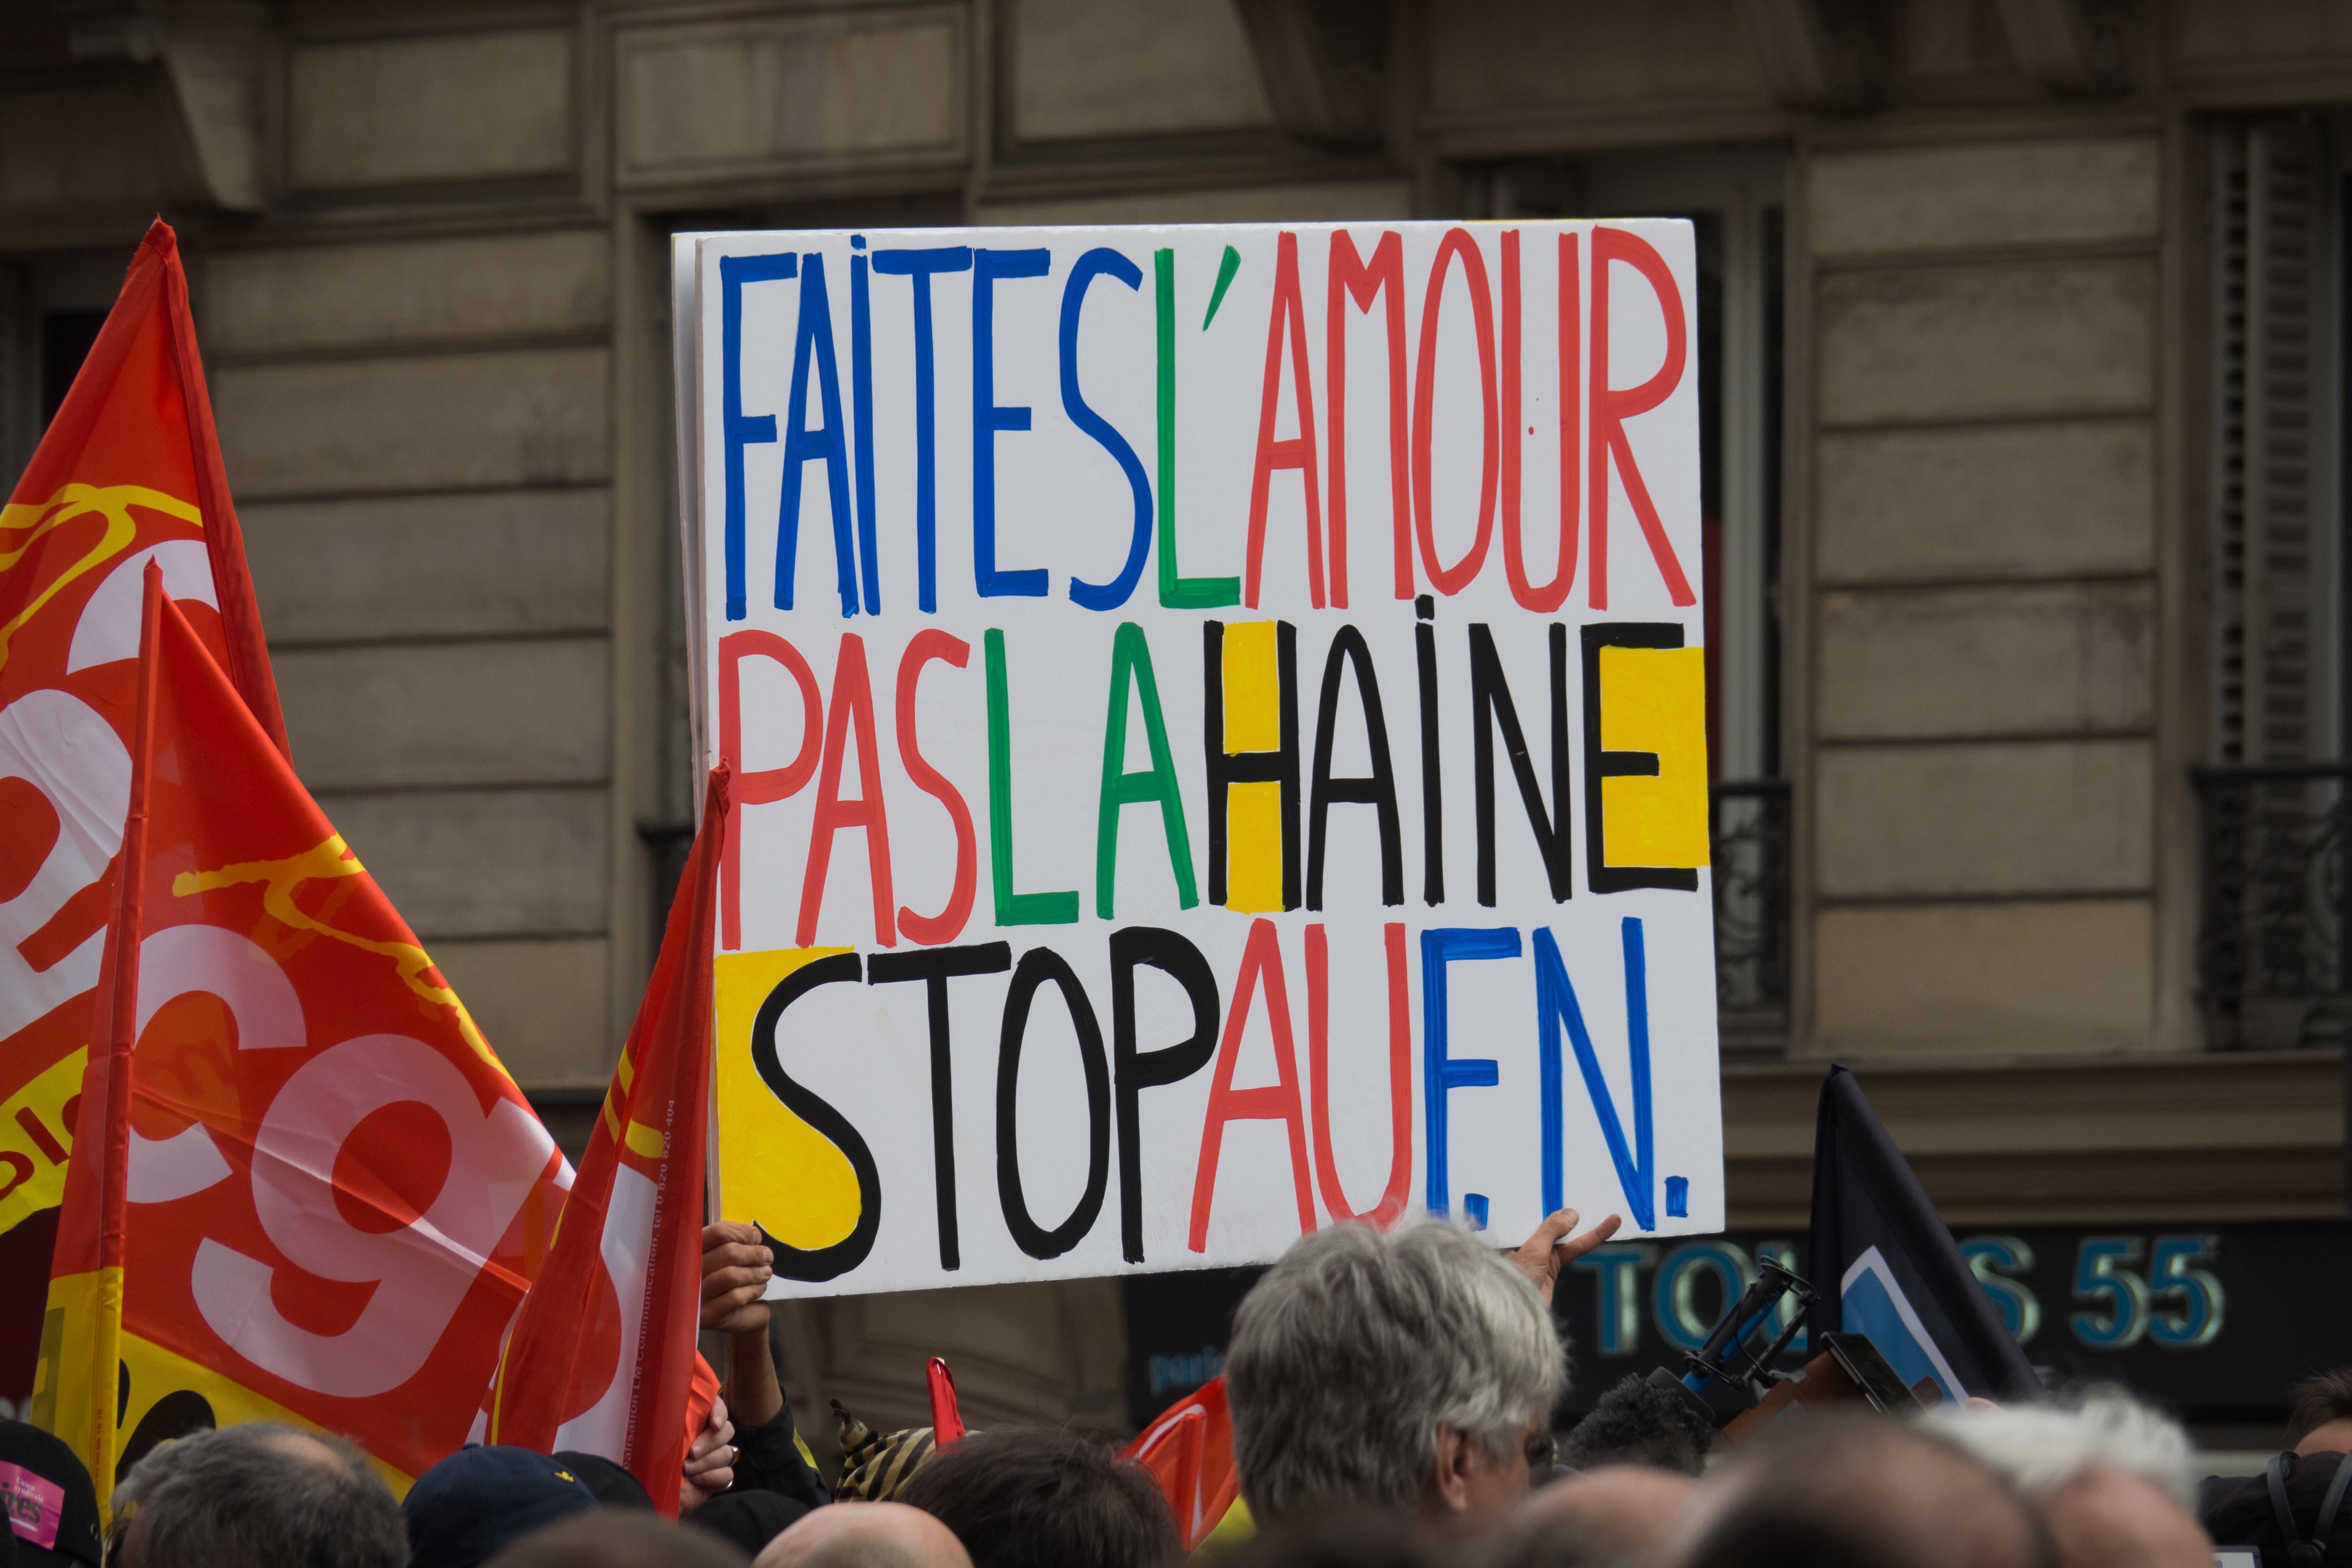 """A protest sign in Paris reads """"faites l'amour pas la haine stop au fn"""""""